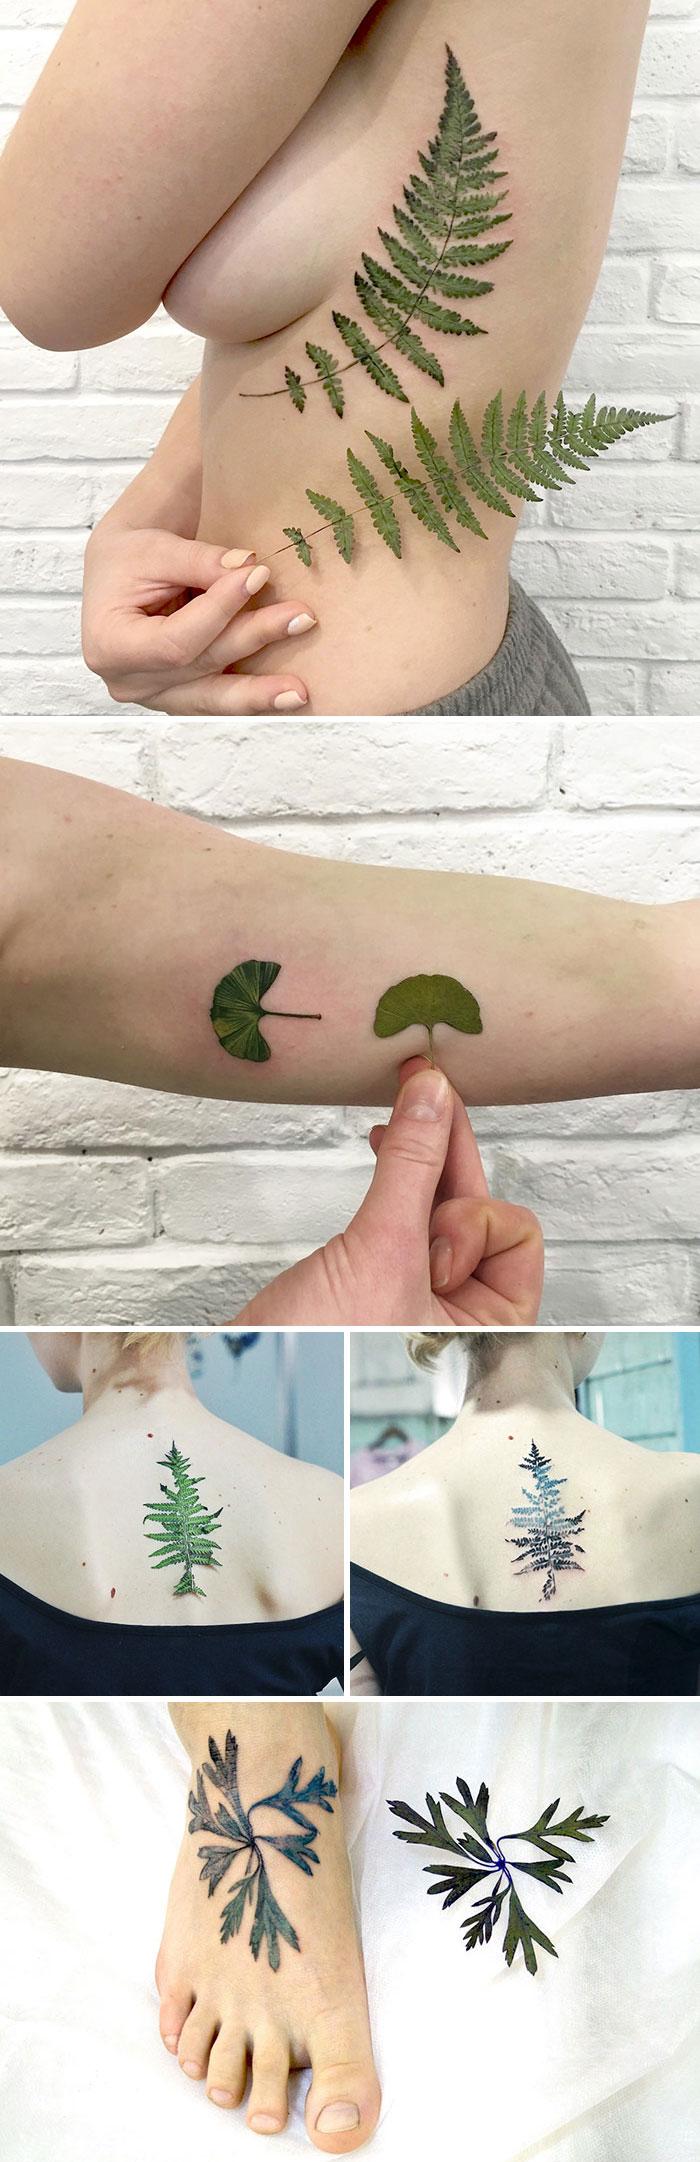 floral-tattoo-artists-33